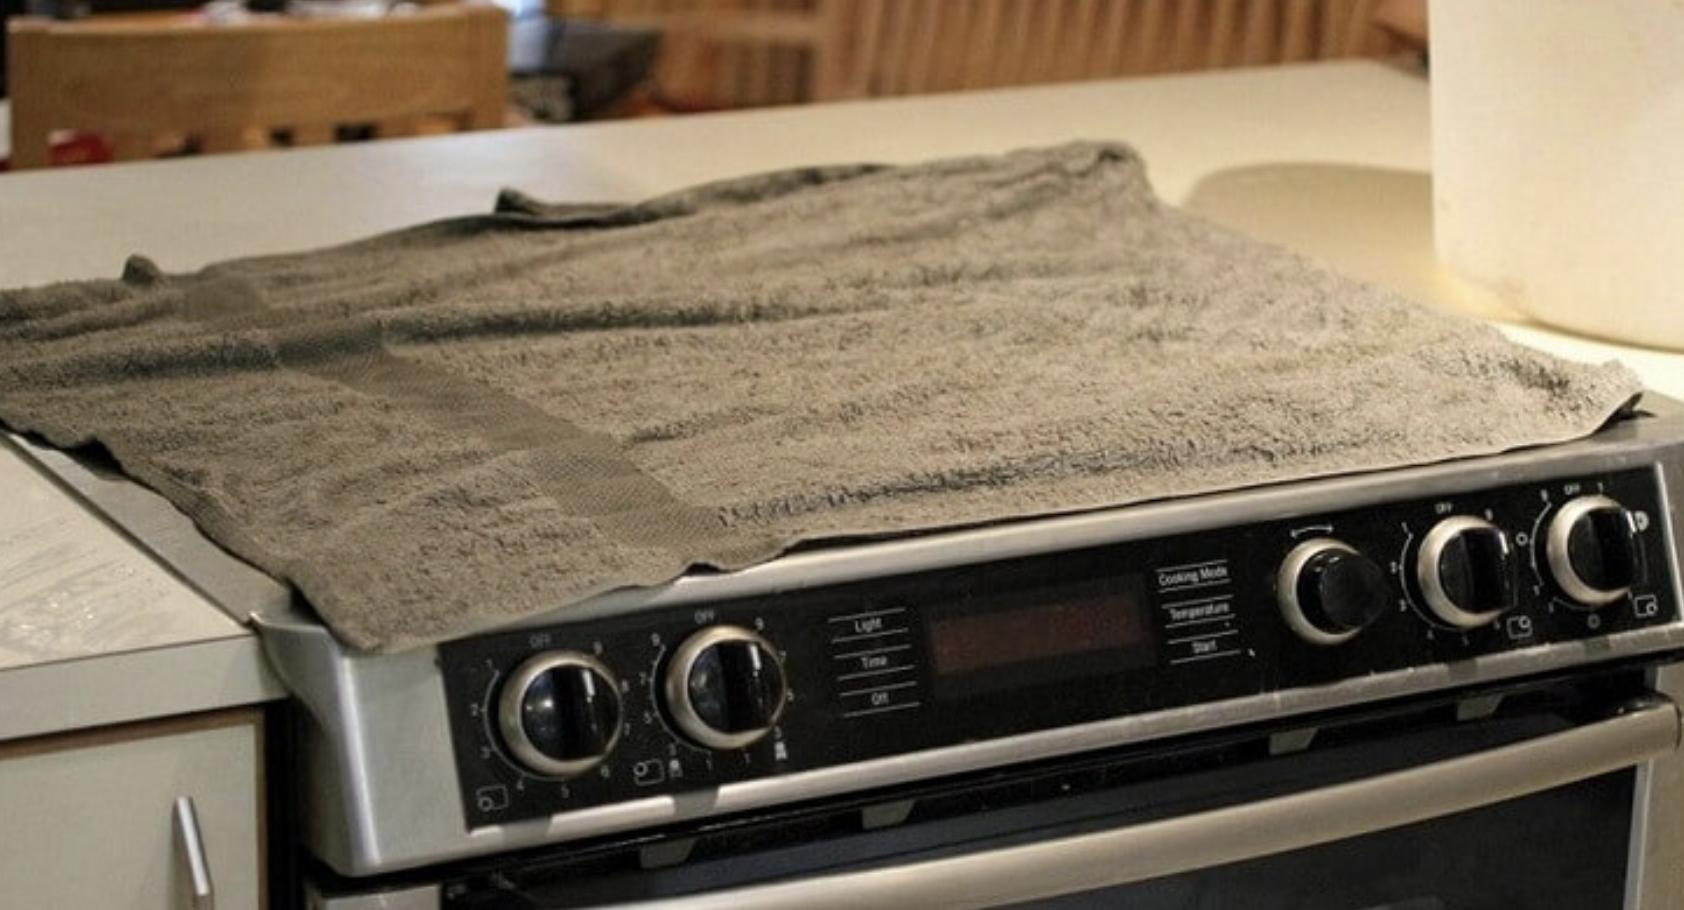 Дізнавшись, навіщо господиня накрила плиту вологими рушниками, ти побіжиш на кухню, щоб це зробити…